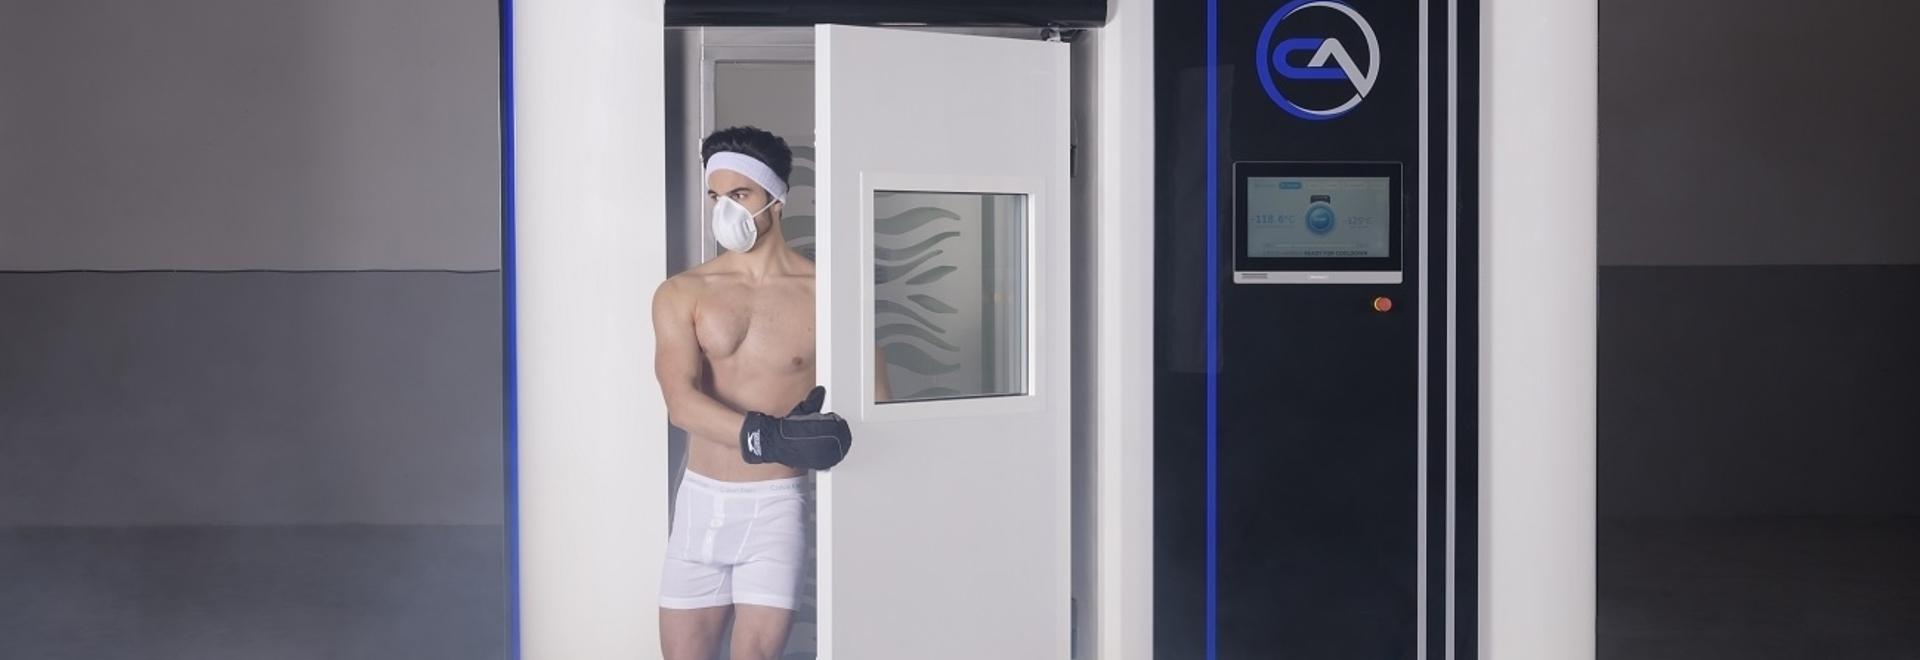 L'exposition de la peau à des températures extrêmement froides entraîne une série de réactions physiologiques qui aident le corps à se réparer et à se revigorer